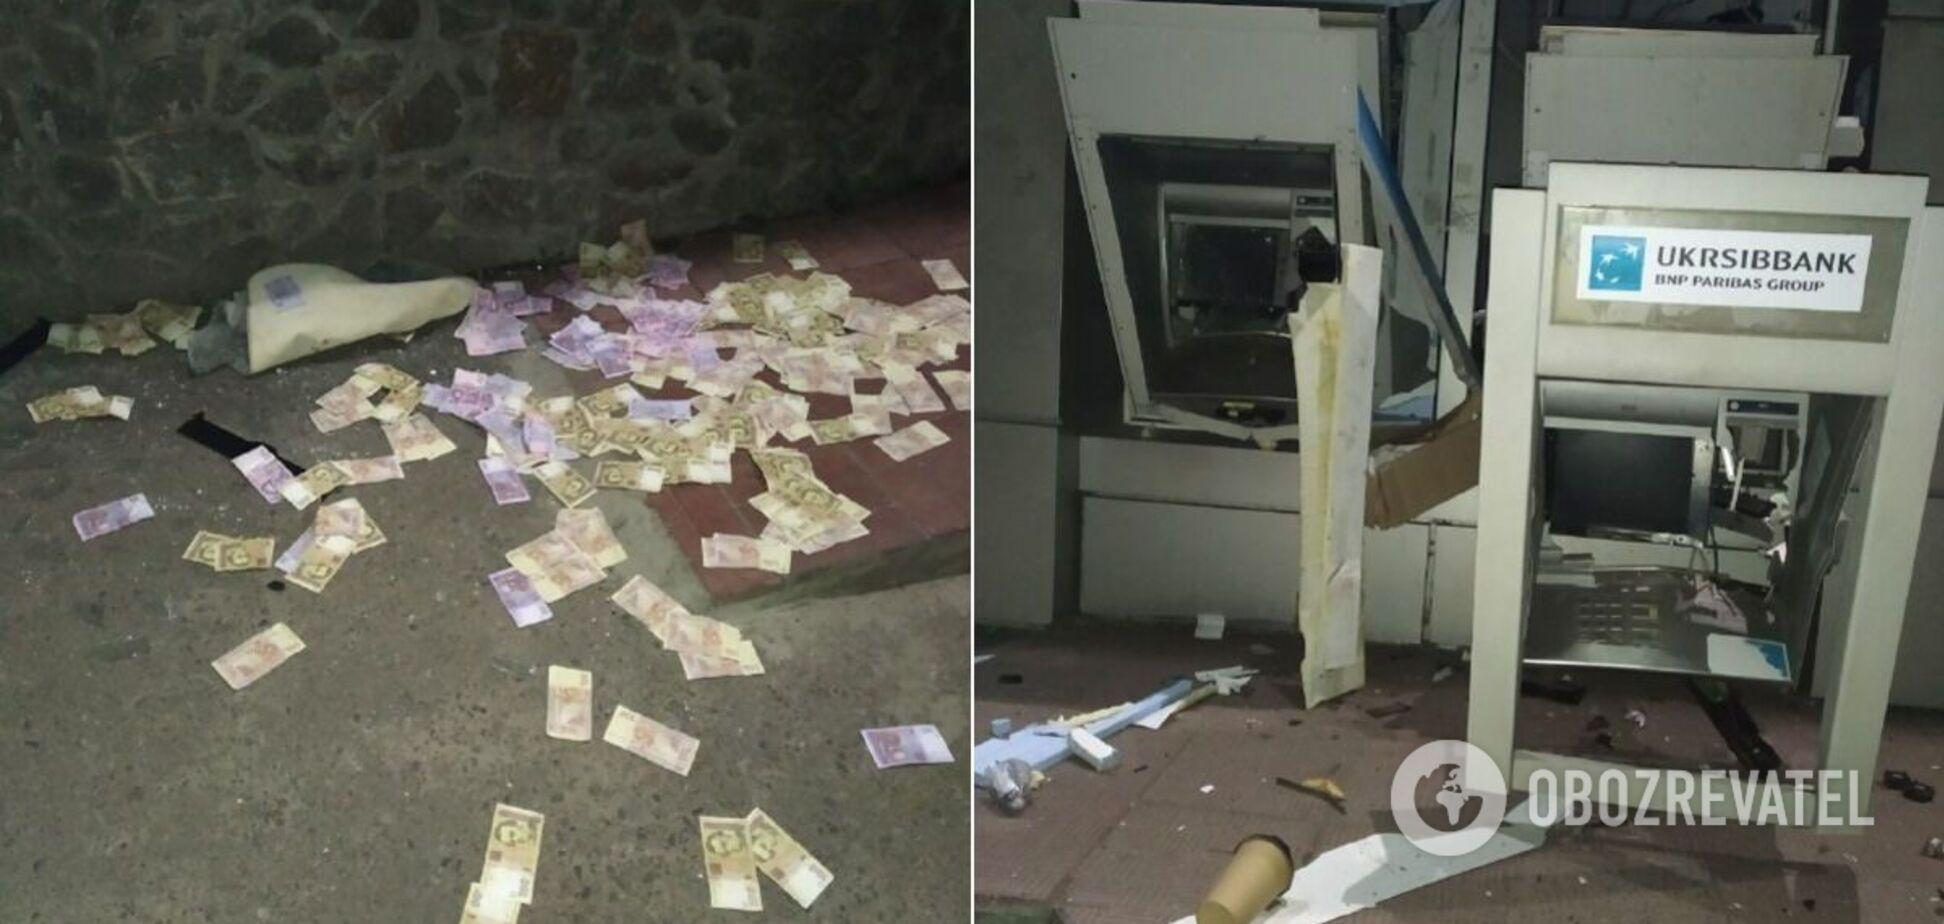 На Киевщине ночью взорвали банкоматы и украли деньги. Фото